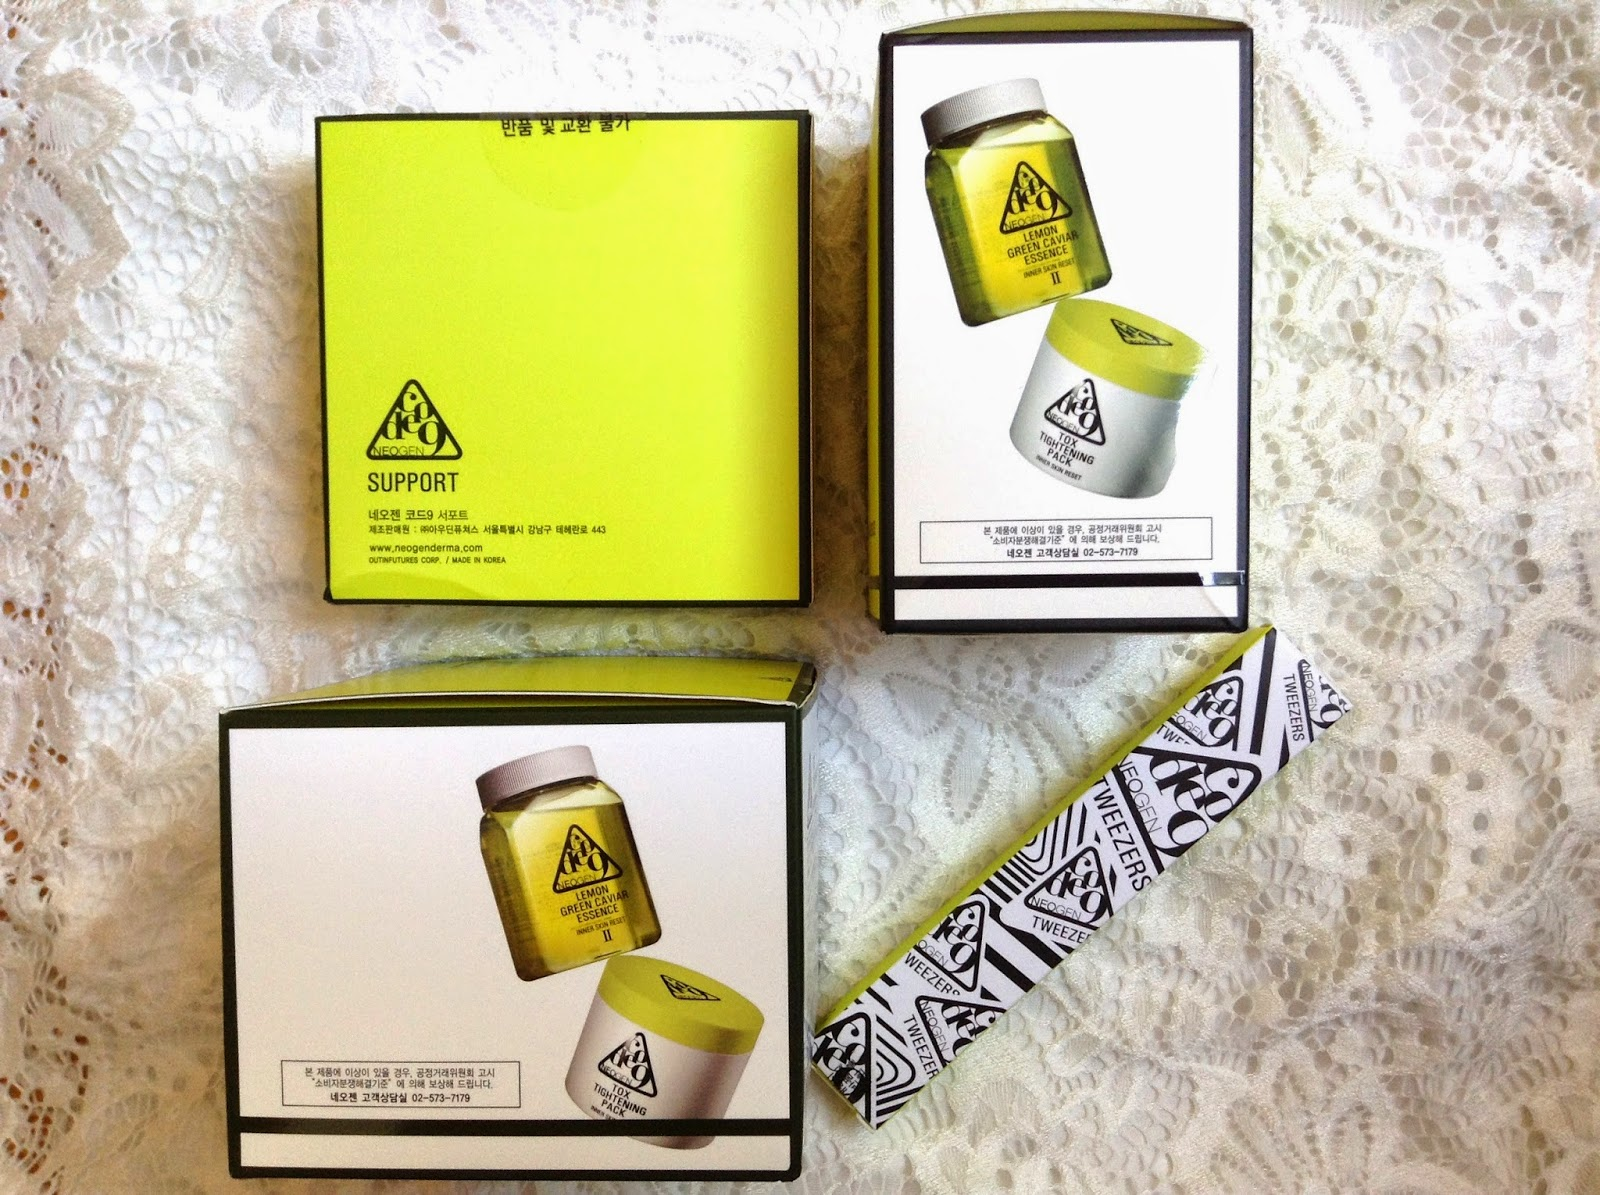 >> 大忙人恩物 抹拭型面膜*韓國醫學護膚品牌 NEOGEN 檸檬魚子全效面膜 Lemon Green Caviar Essence & Tox Tightening Pack